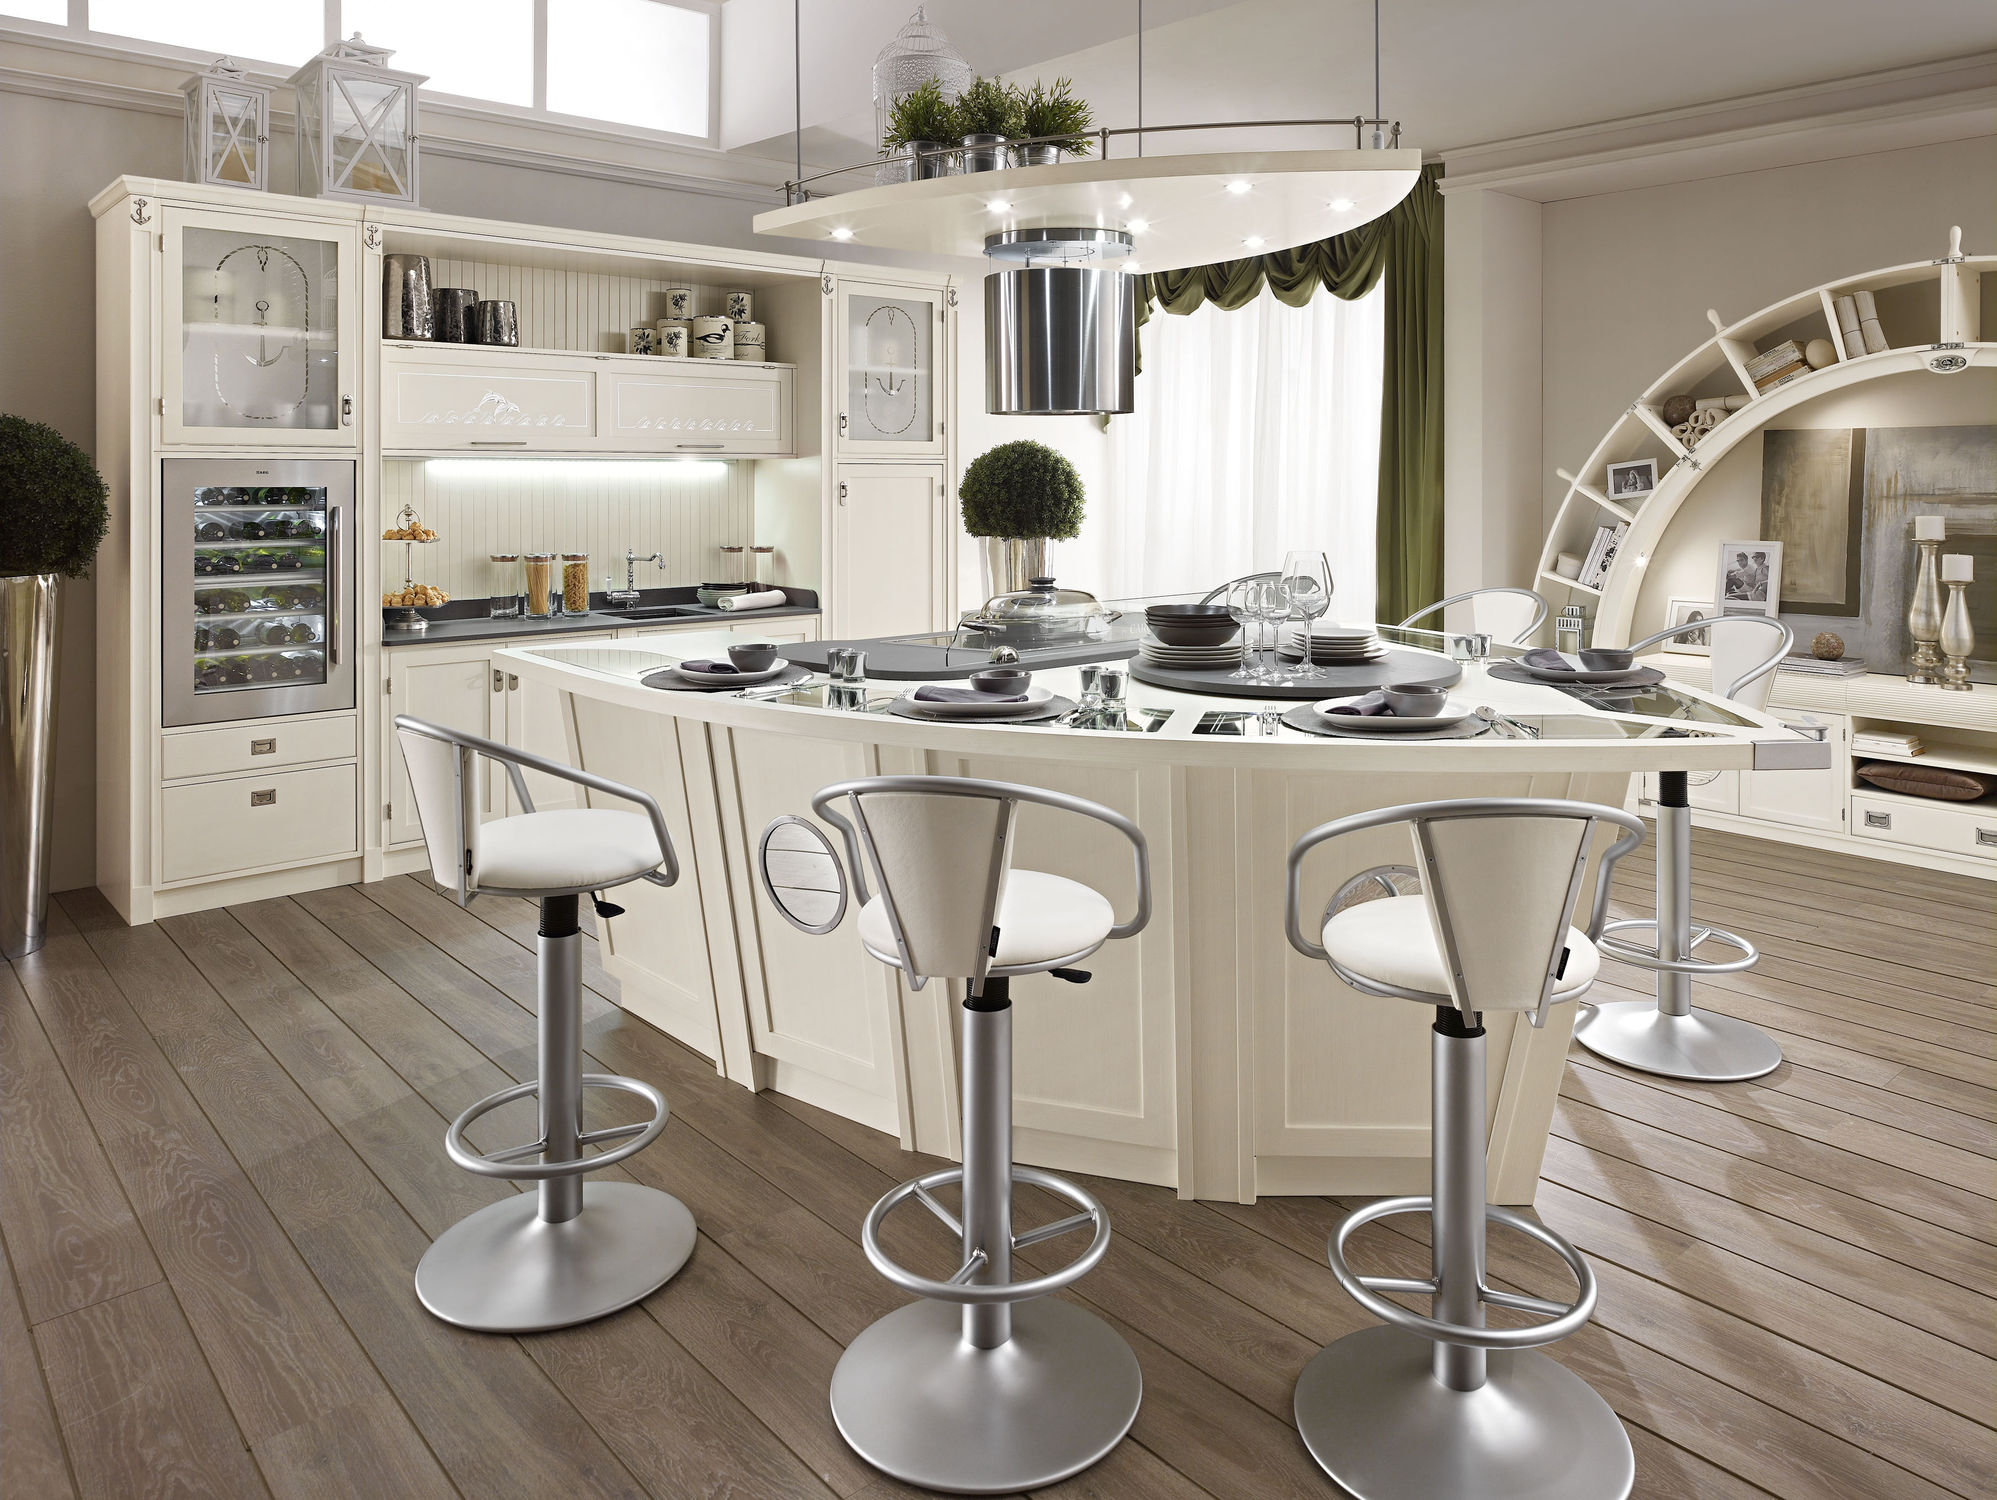 cuisine-unique-armoire-de-cuisine-idee-meuble-de-cuisine-moderne-et-ilot-avec-siege-bar-tabourets-aussi-unique-bibliotheque-et-hotte-cuisiniere-aussi-baie-fenetre-avec-rideau- idées-uniques-d'armoires-de-cuisine